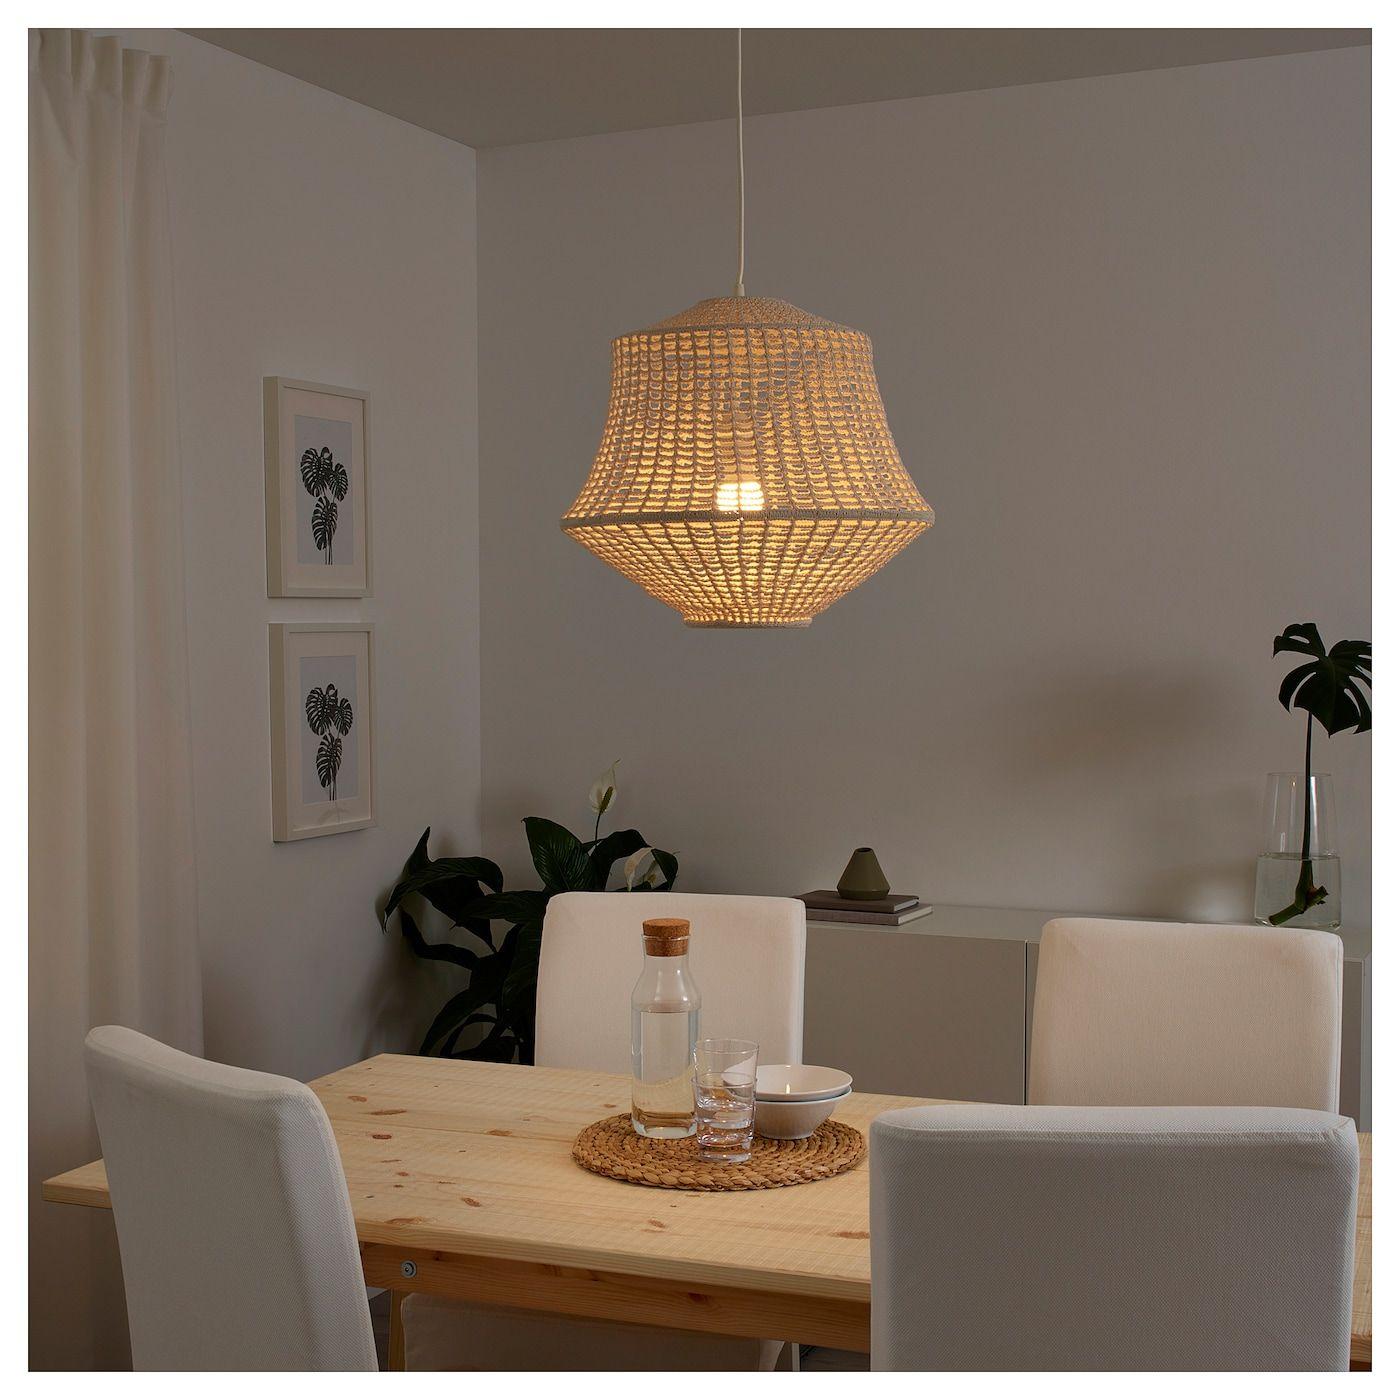 ikea industriell hängeleuchte  lampen wohnzimmer